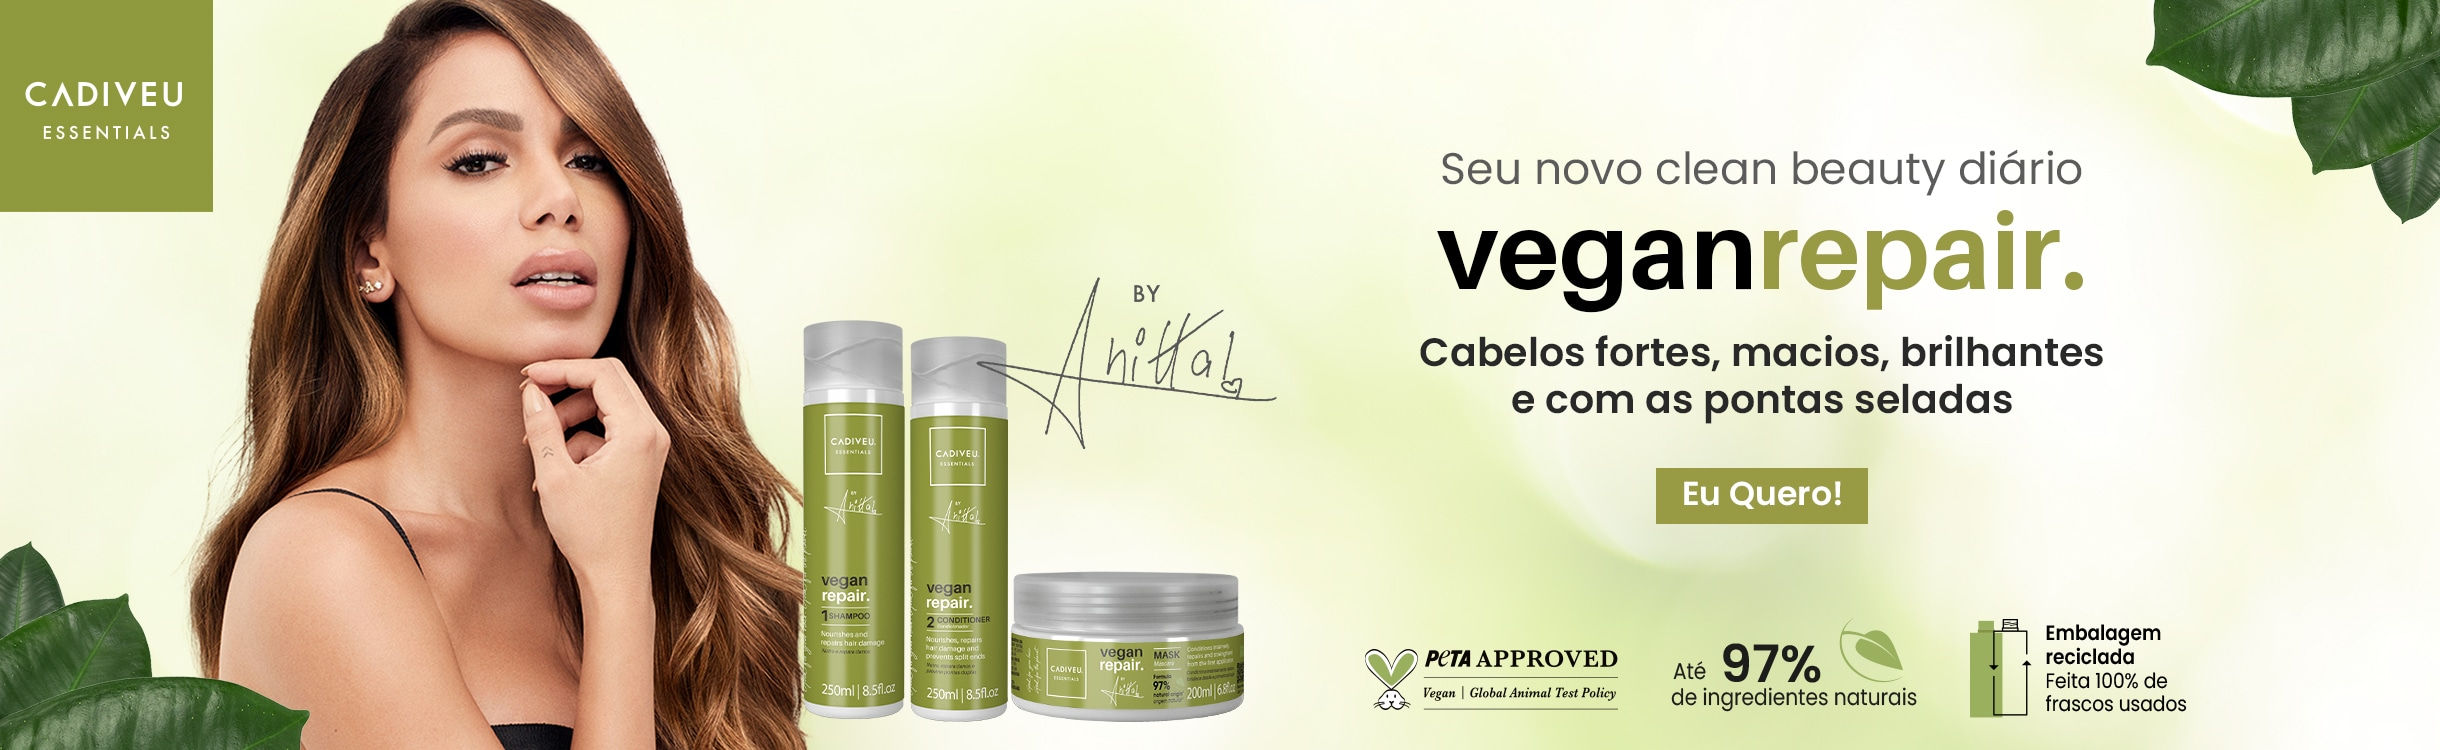 Cadiveu Professional/Vegan Repair by Anitta